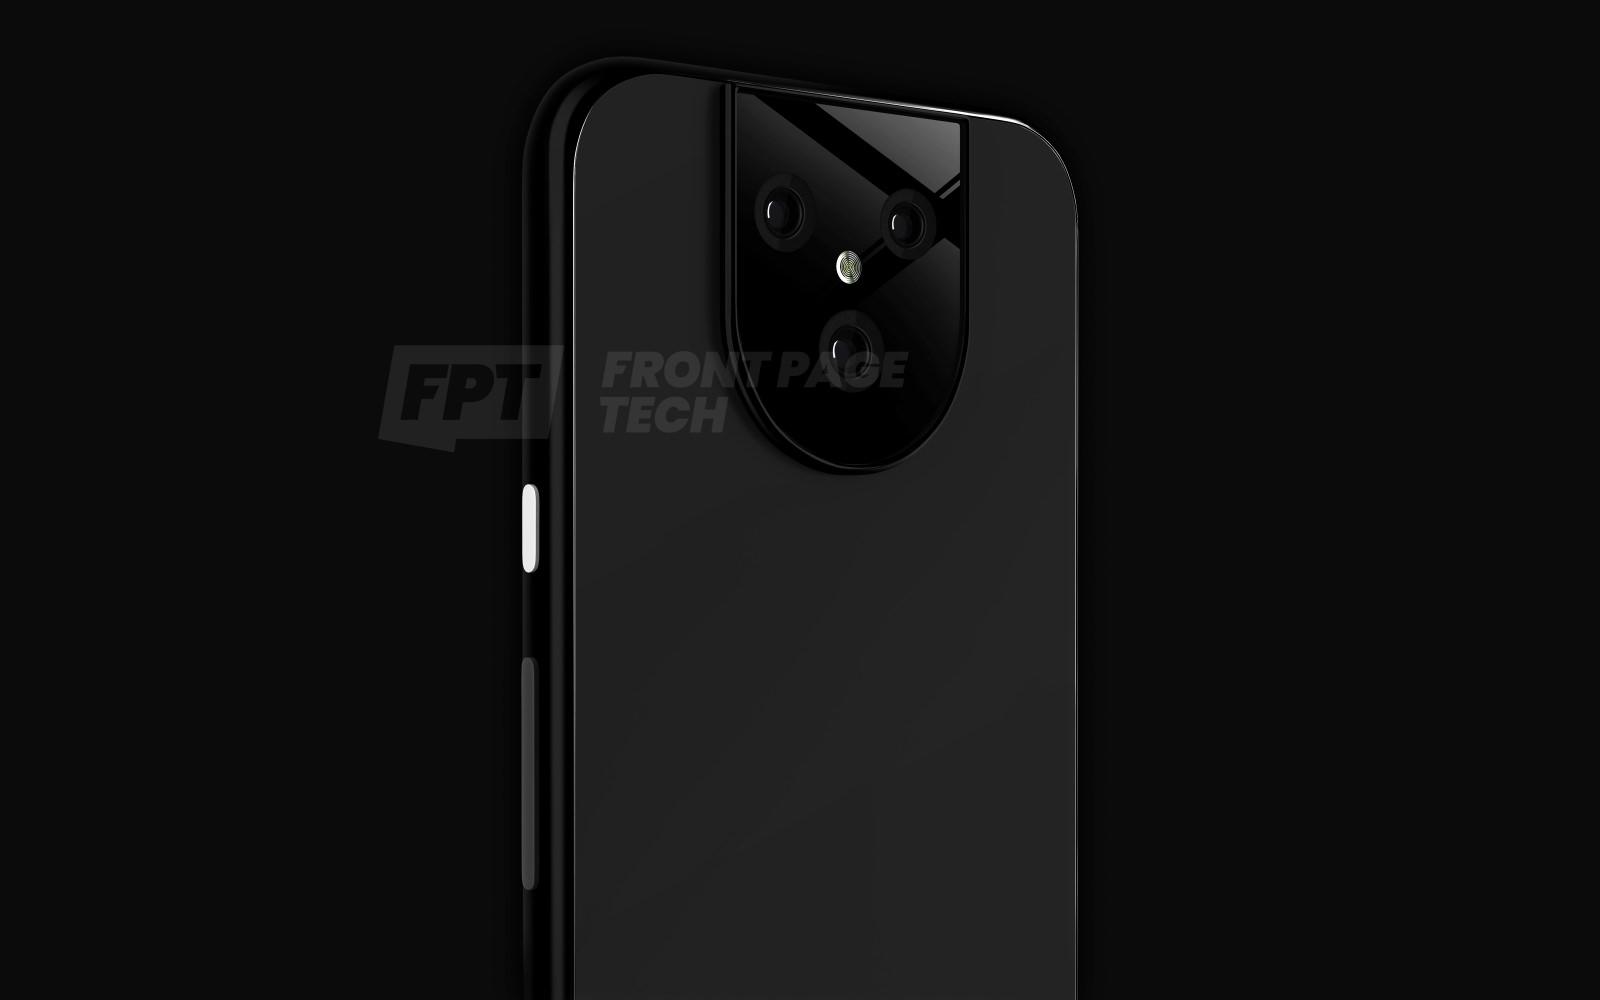 FPT Google Pixel 5 prototype